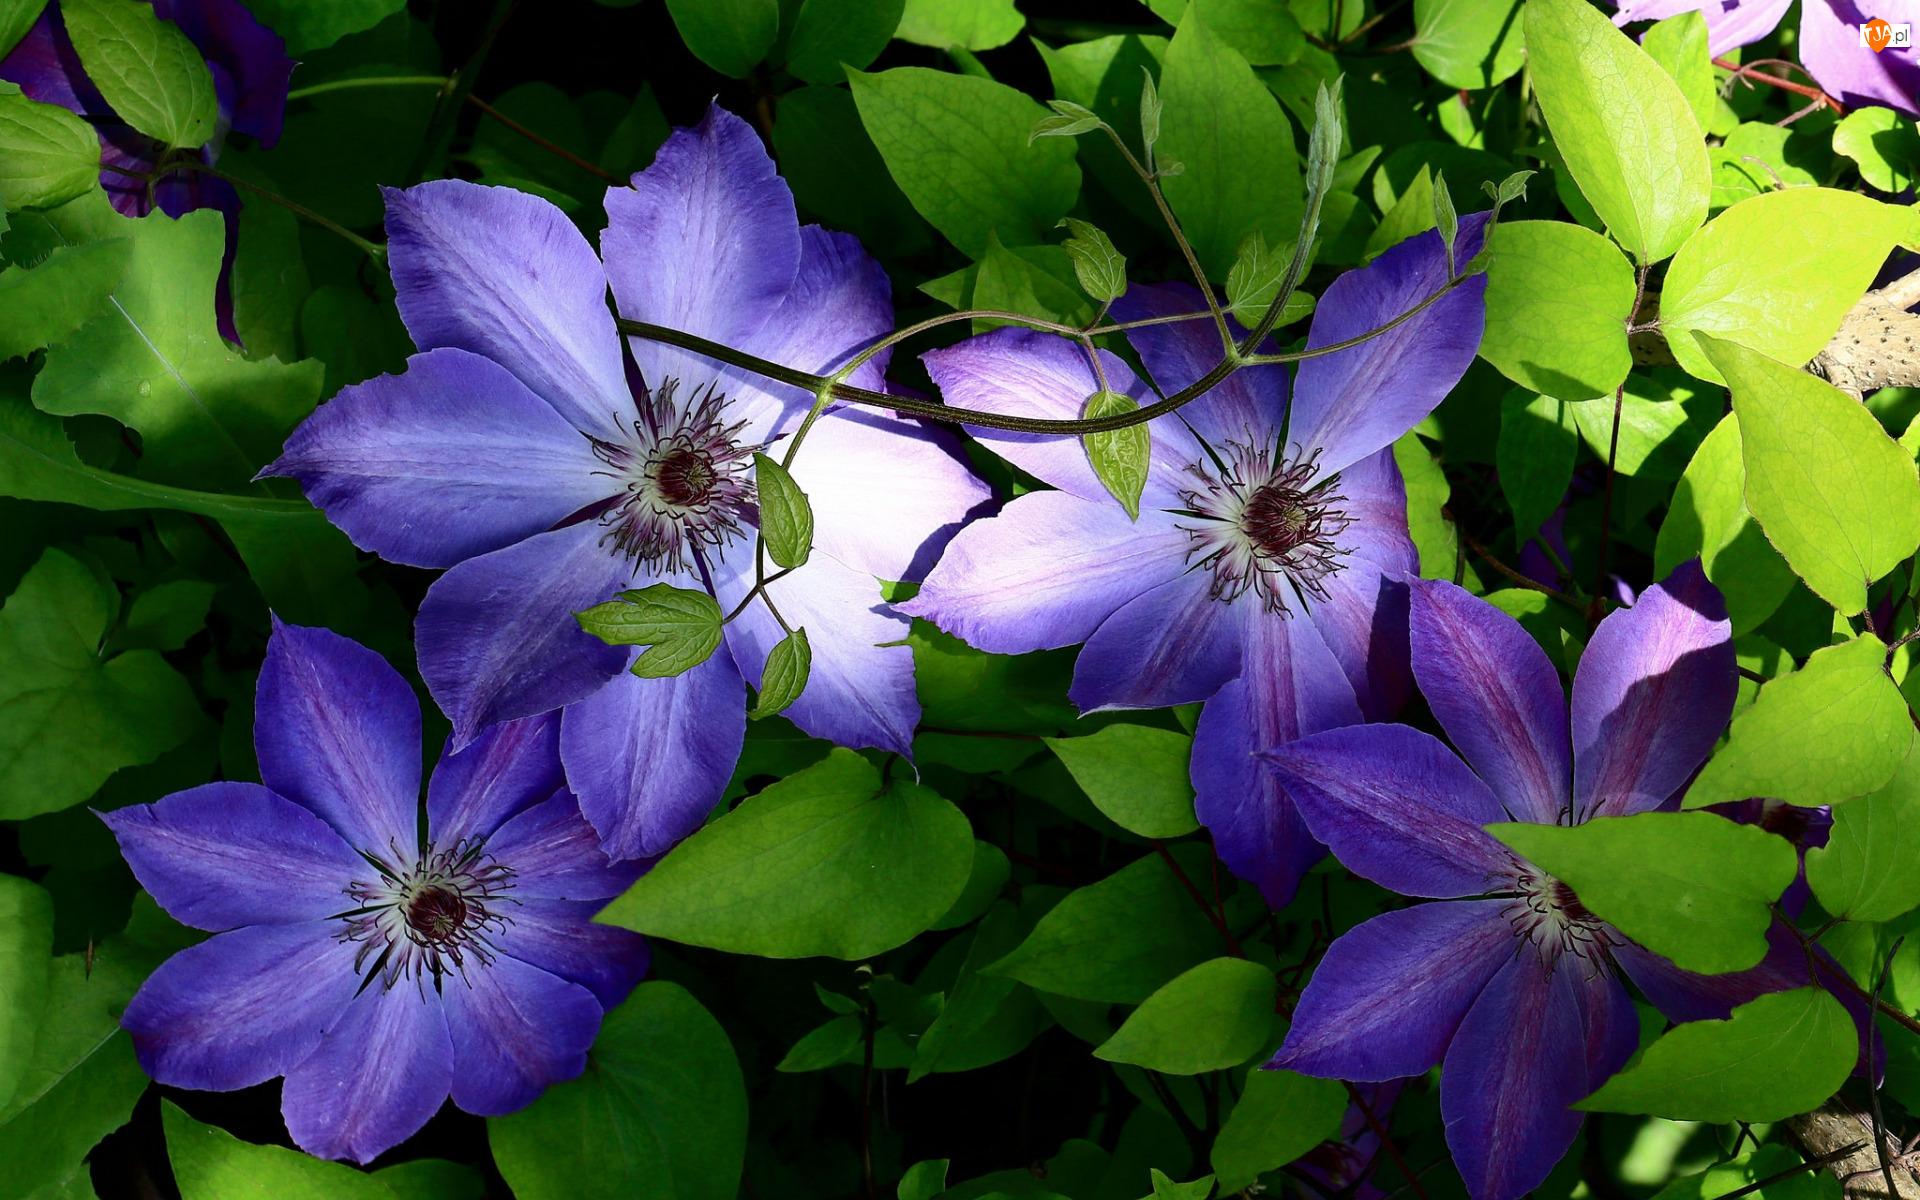 Liście, Kwiaty, Fioletowe, Powojniki